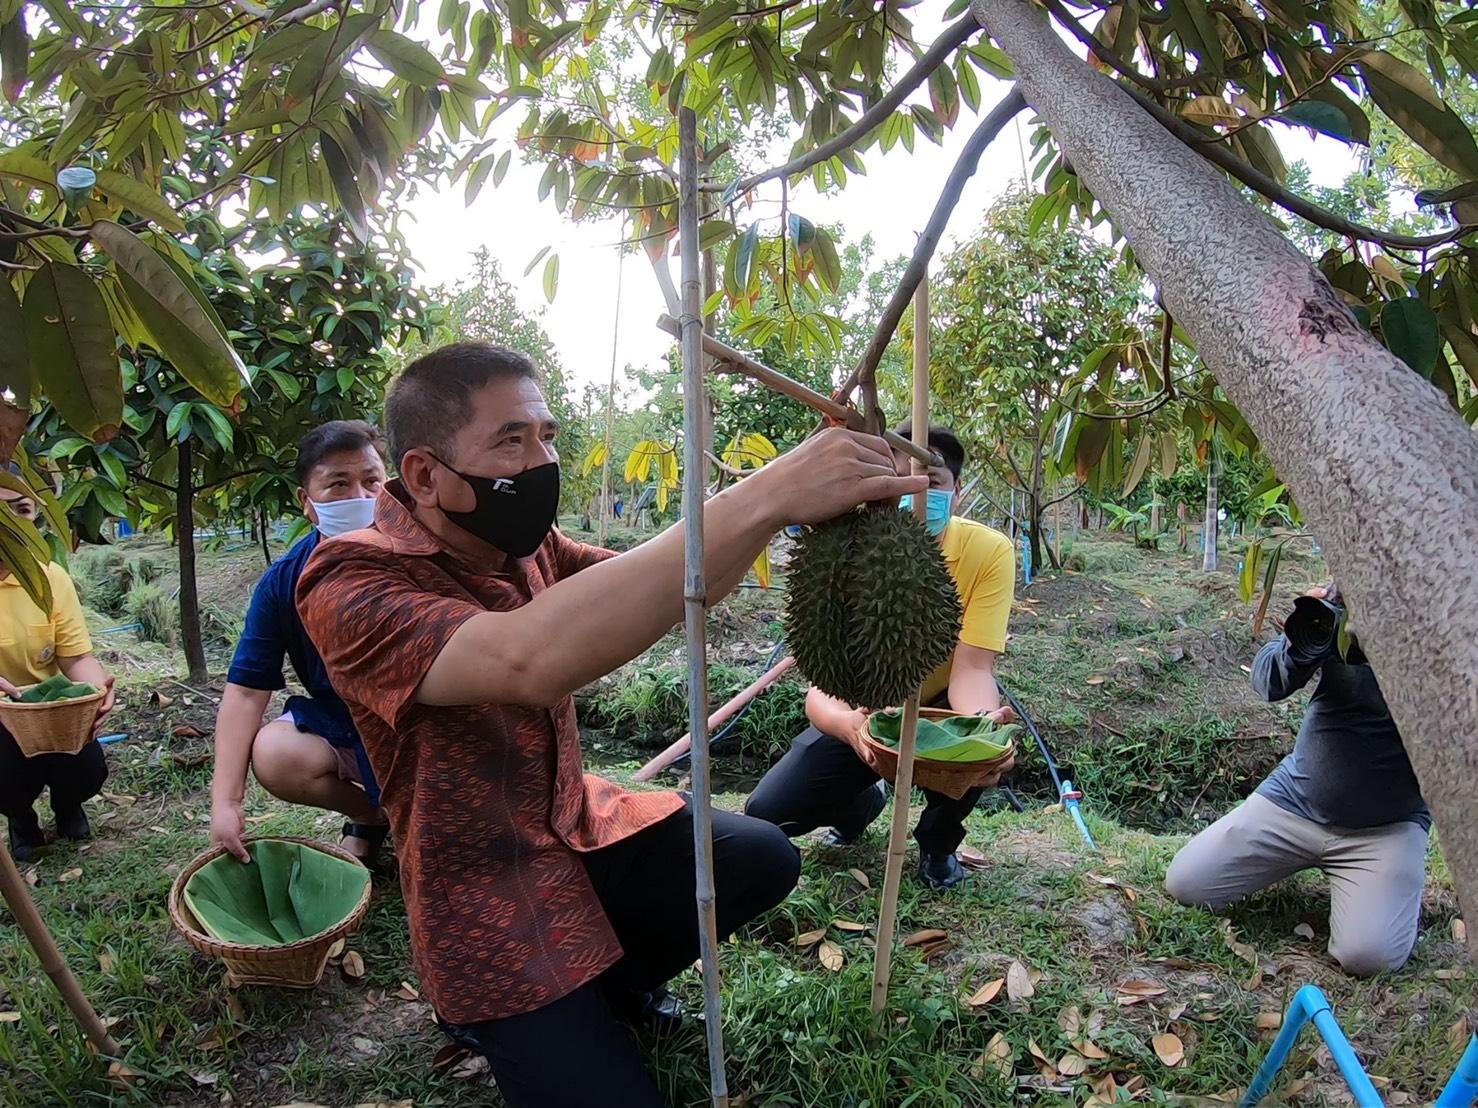 จังหวัดนนทบุรีถือฤกษ์วันพืชมงคลดำเนินการตัดทุเรียน ๓ ผลแรกของโครงการอนุรักษ์สวนทุเรียนนนท์